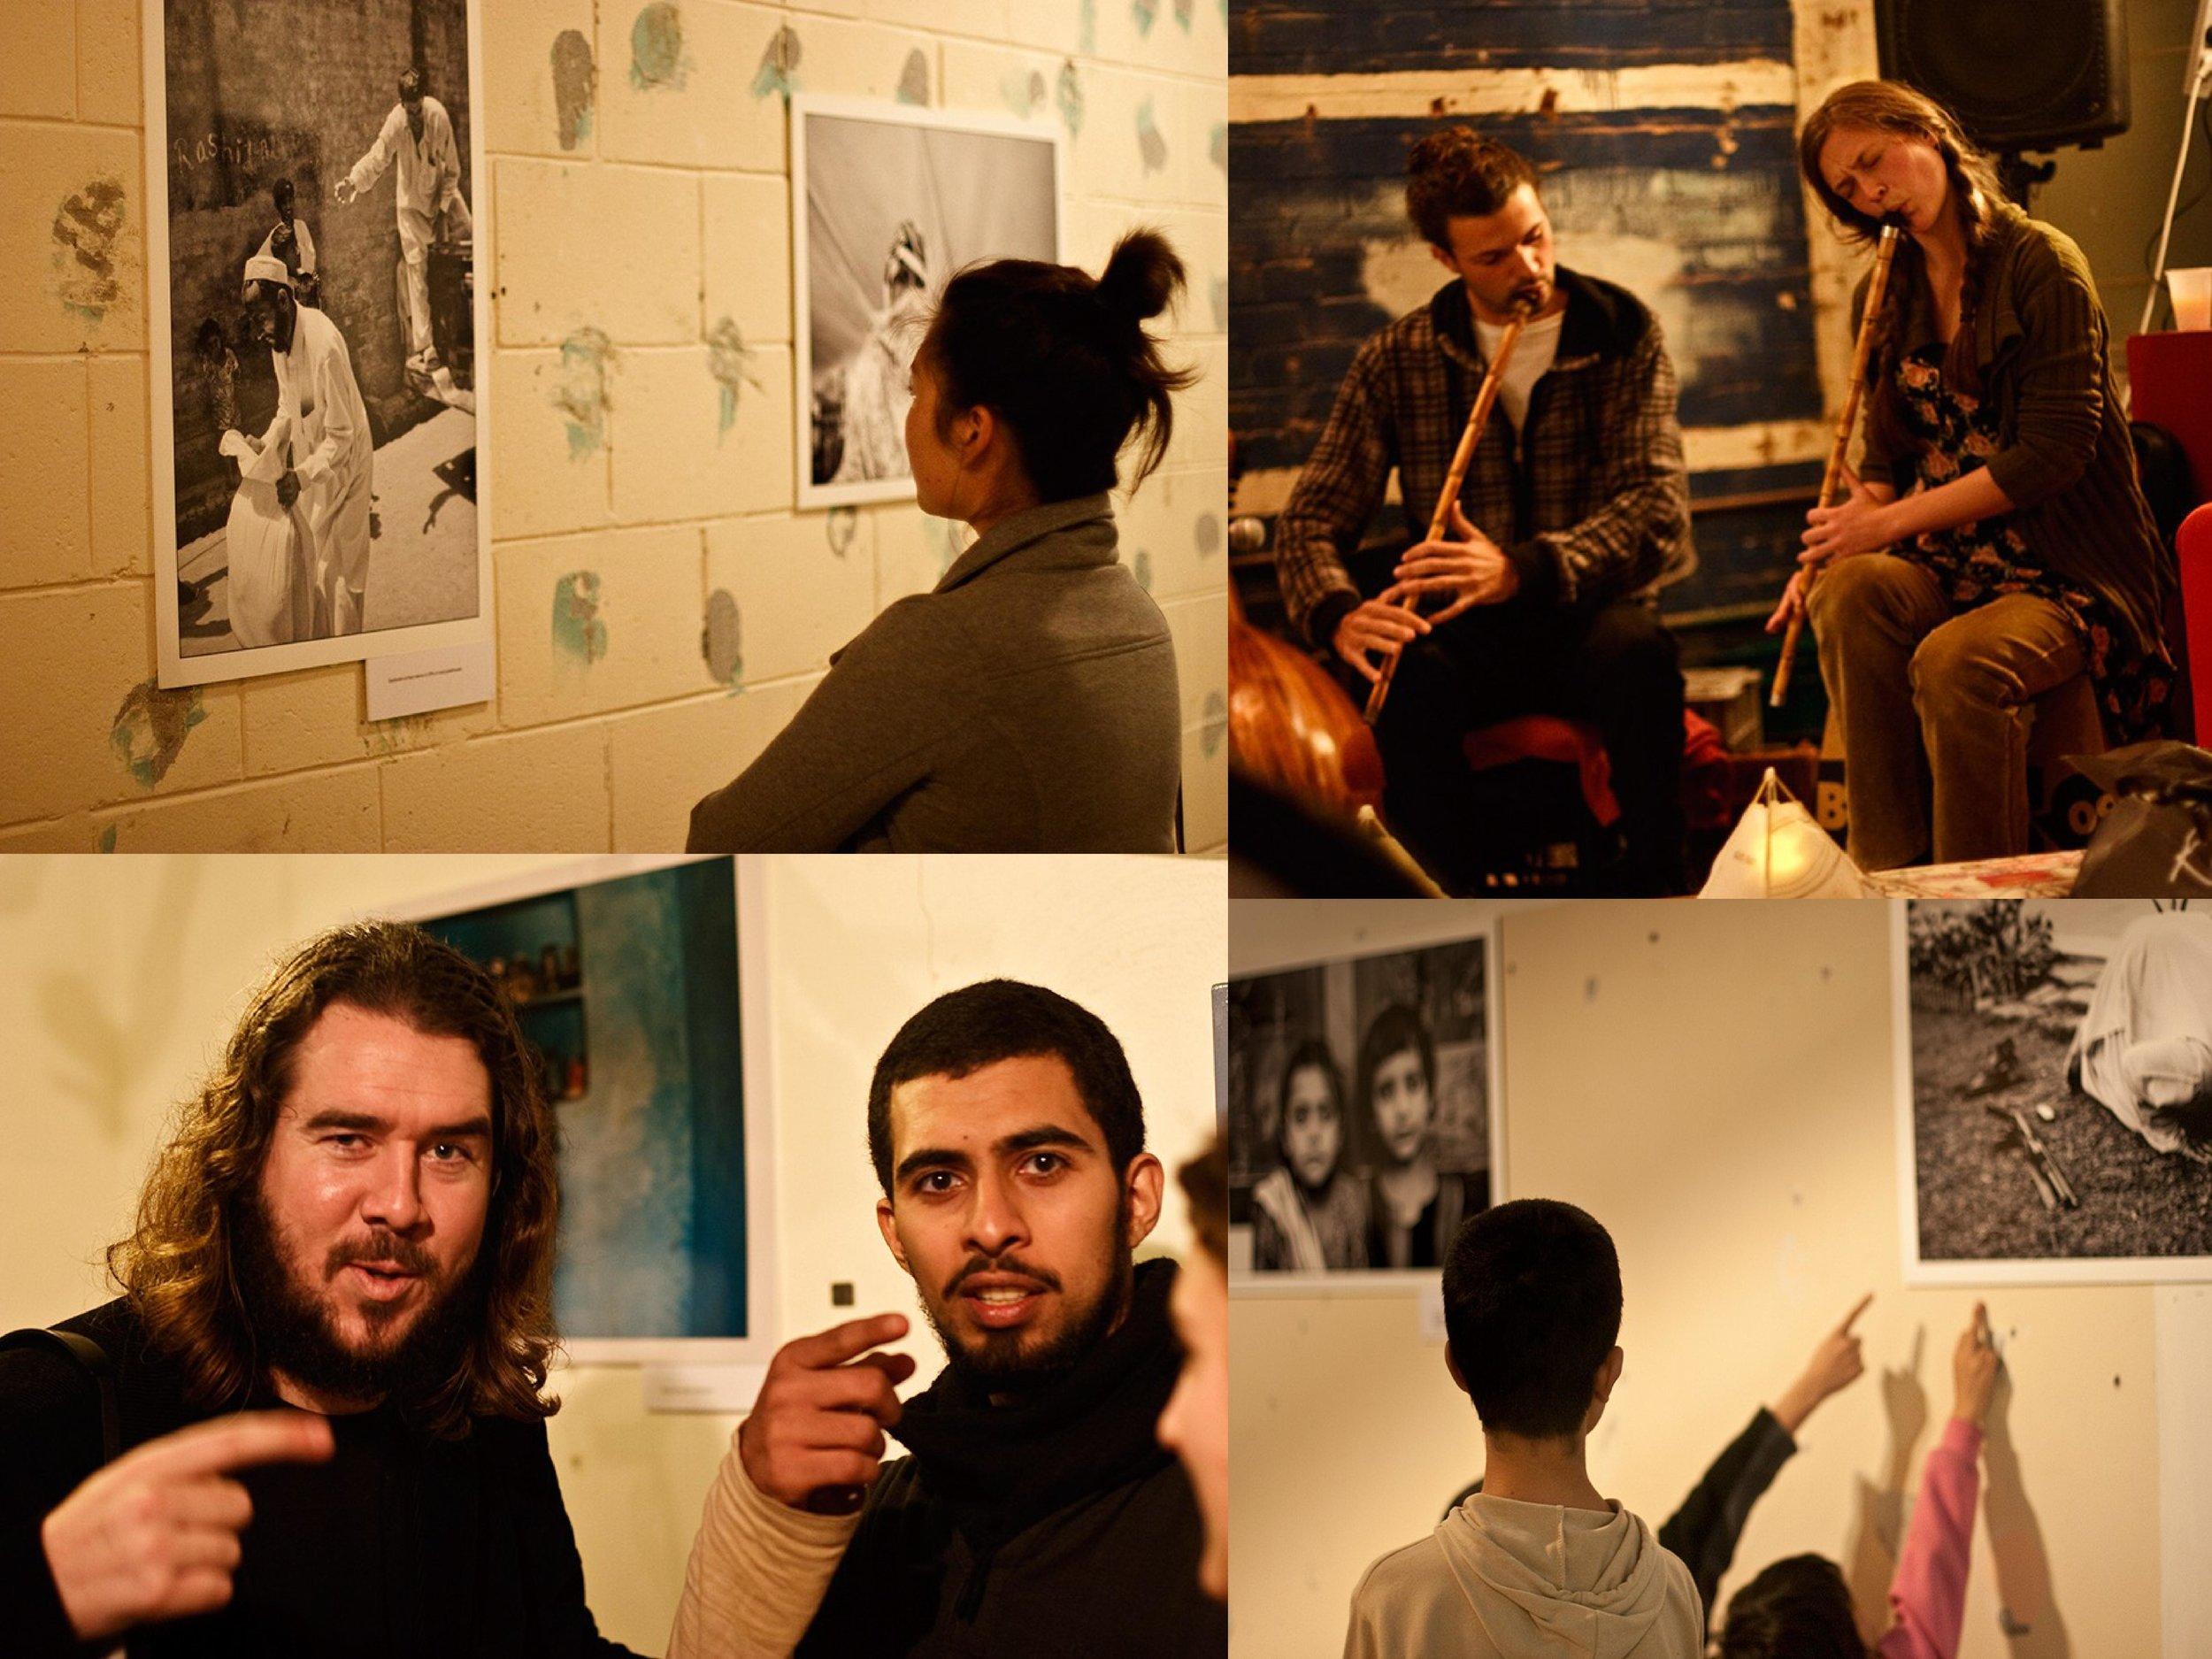 Pakistan: Faces from the frontline, City Studios, Burnett Lane Brisbane